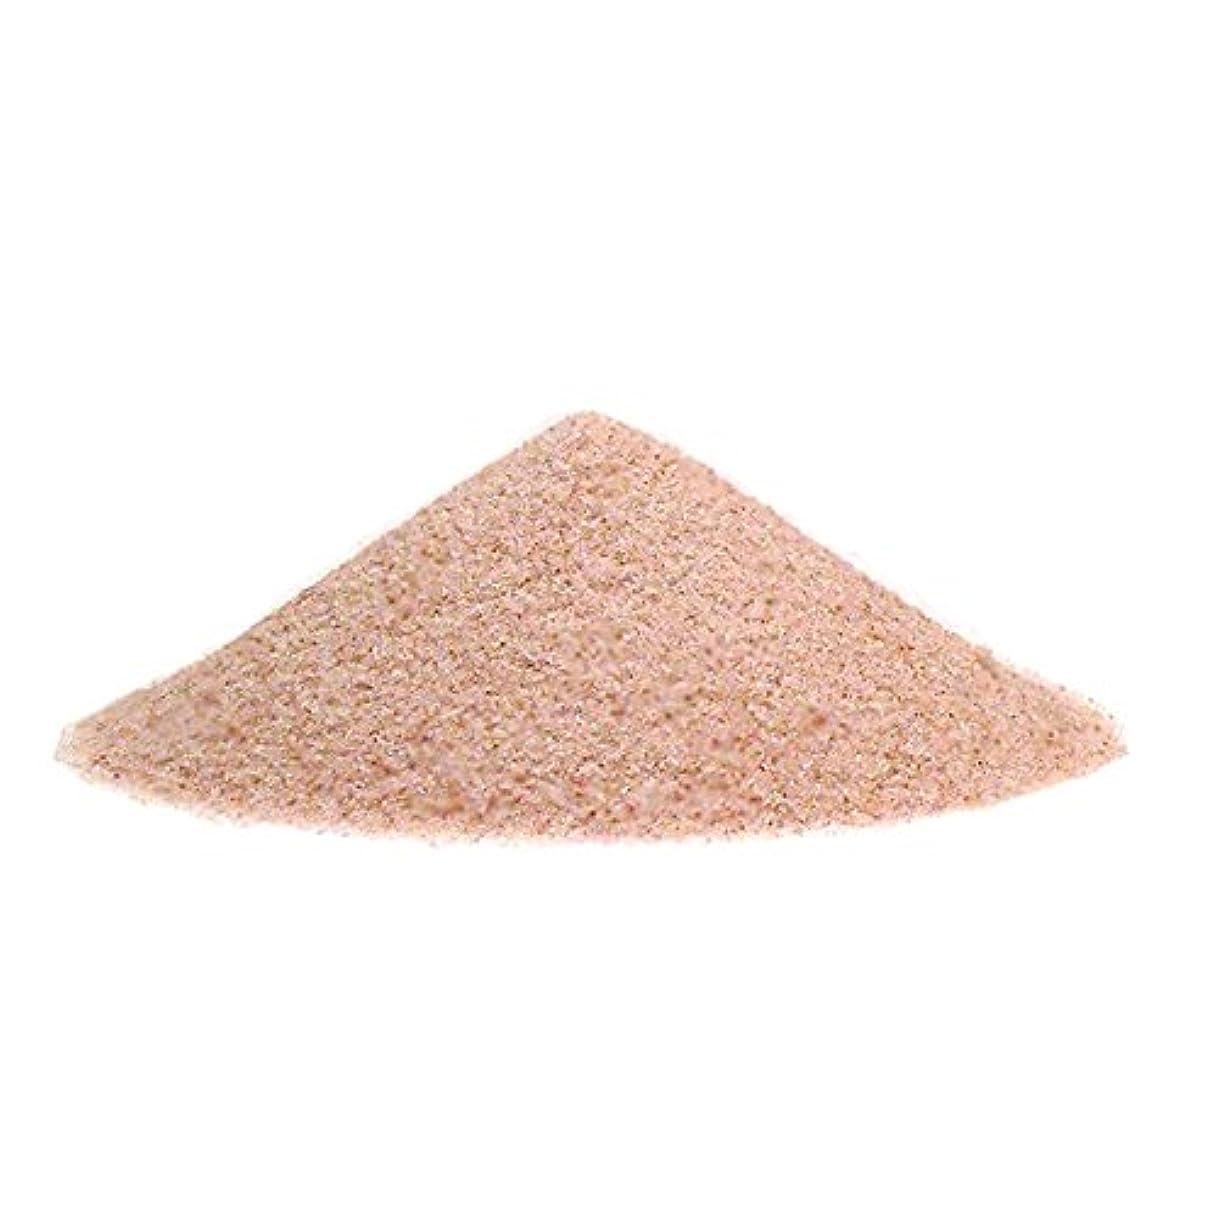 まだらタックルグリットヒマラヤ岩塩 ピンクソルト 入浴用 バスソルト(微粒パウダー)3kg ピンク岩塩